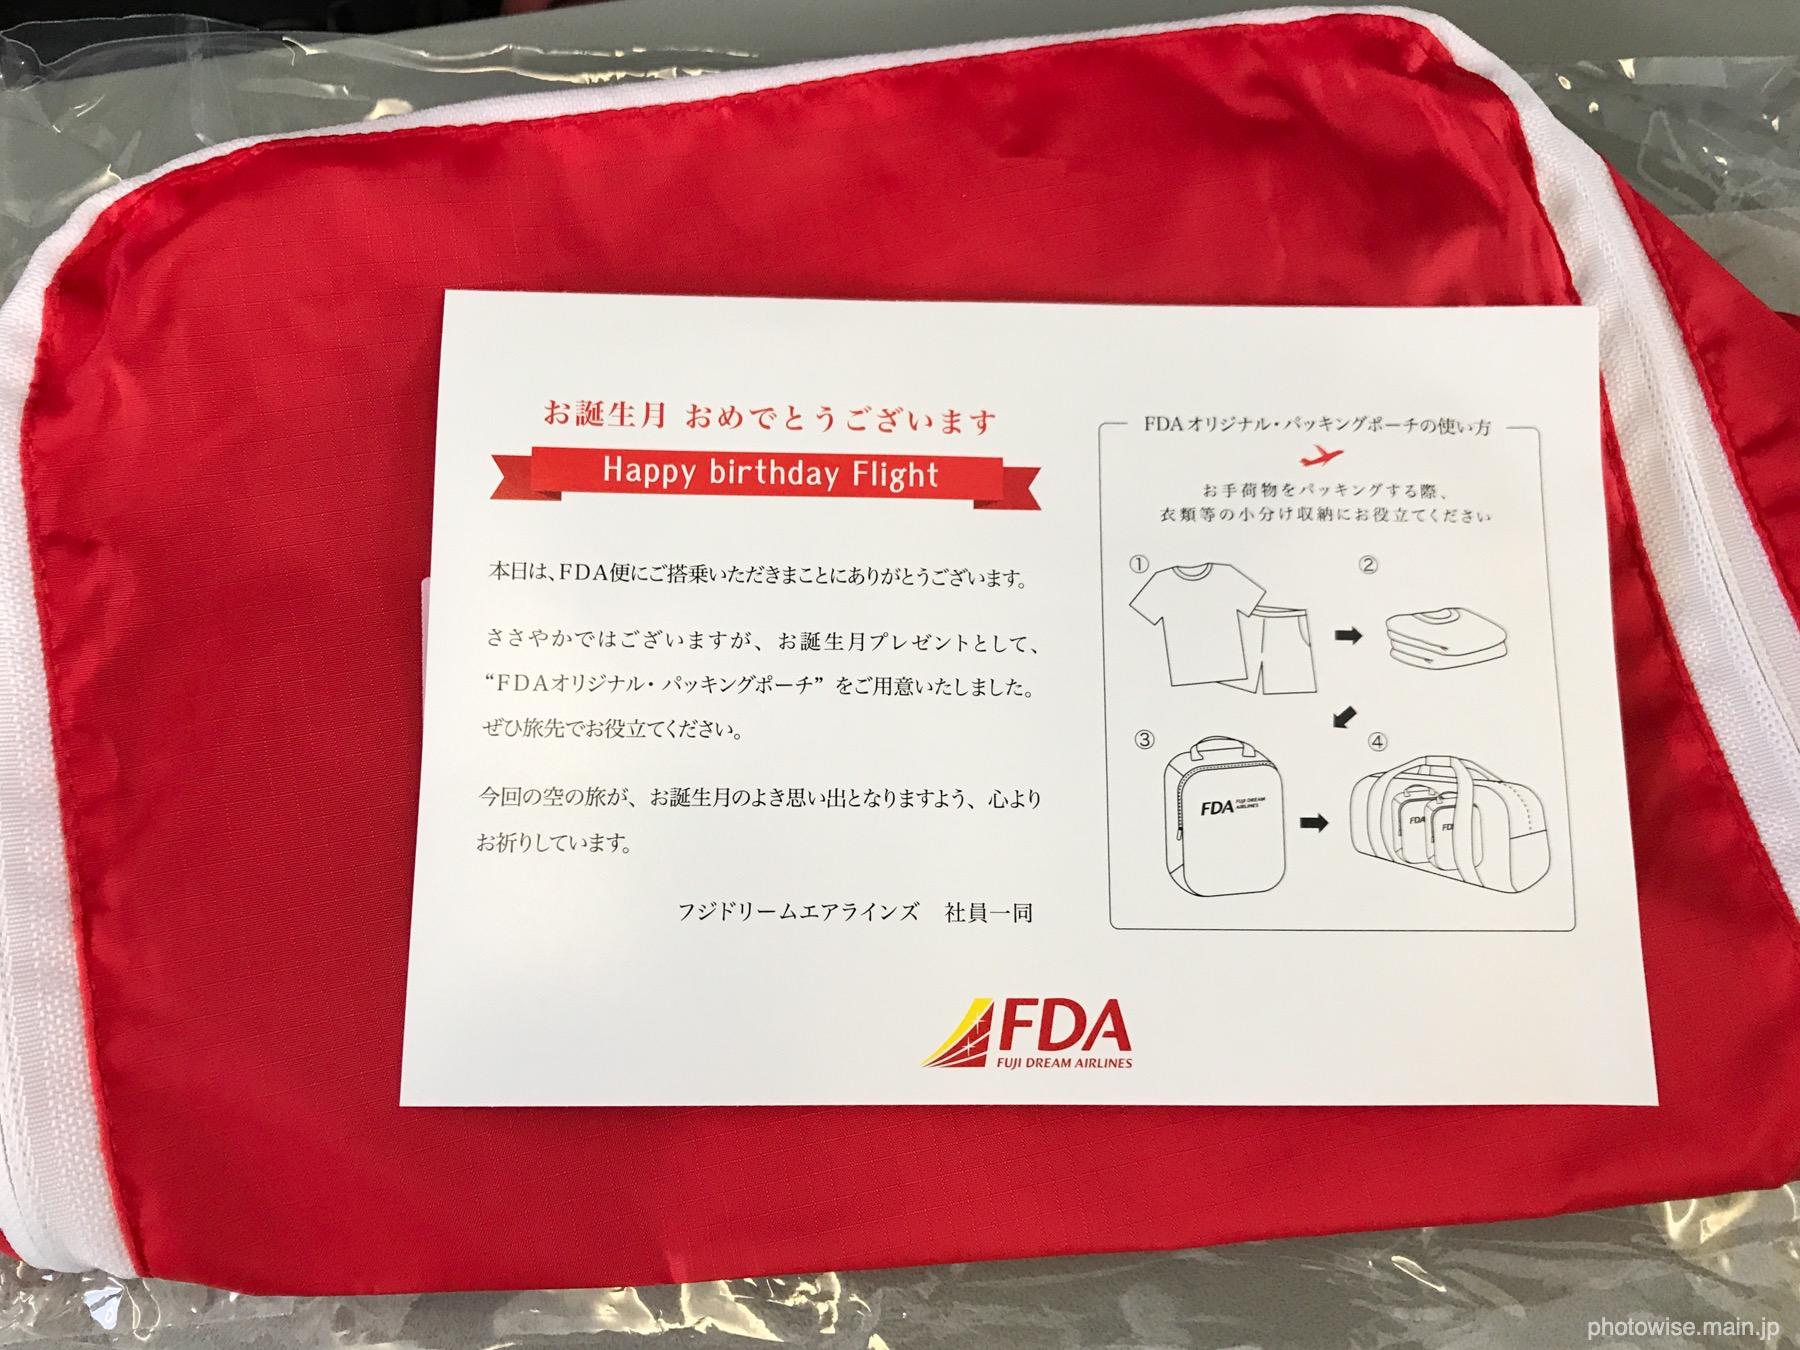 FDAオリジナルパッキングポーチ